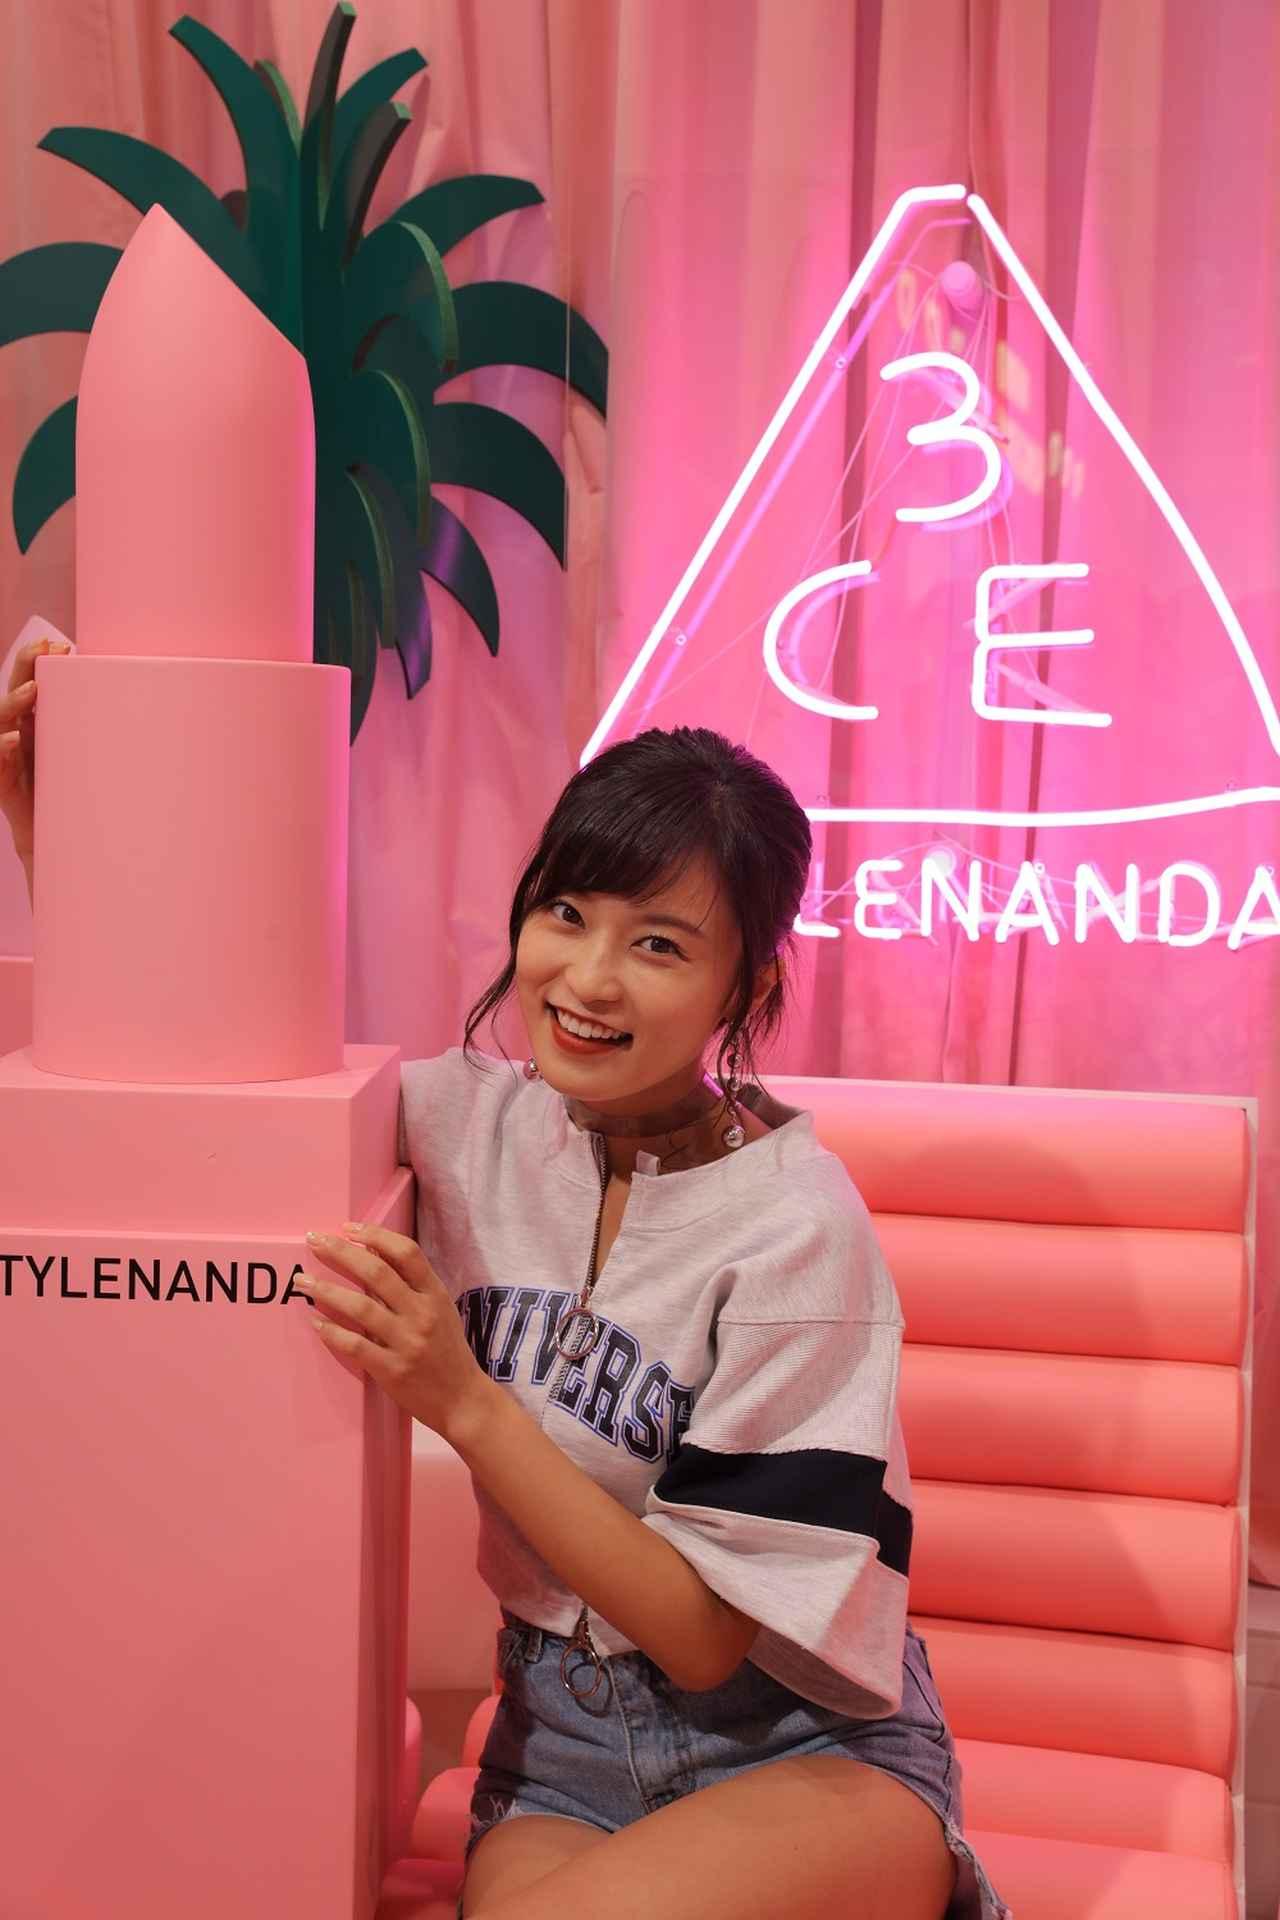 画像2: 韓国発ブランド「スタイルナンダ(STYLENANDA)」の日本初の旗艦店がオープン!